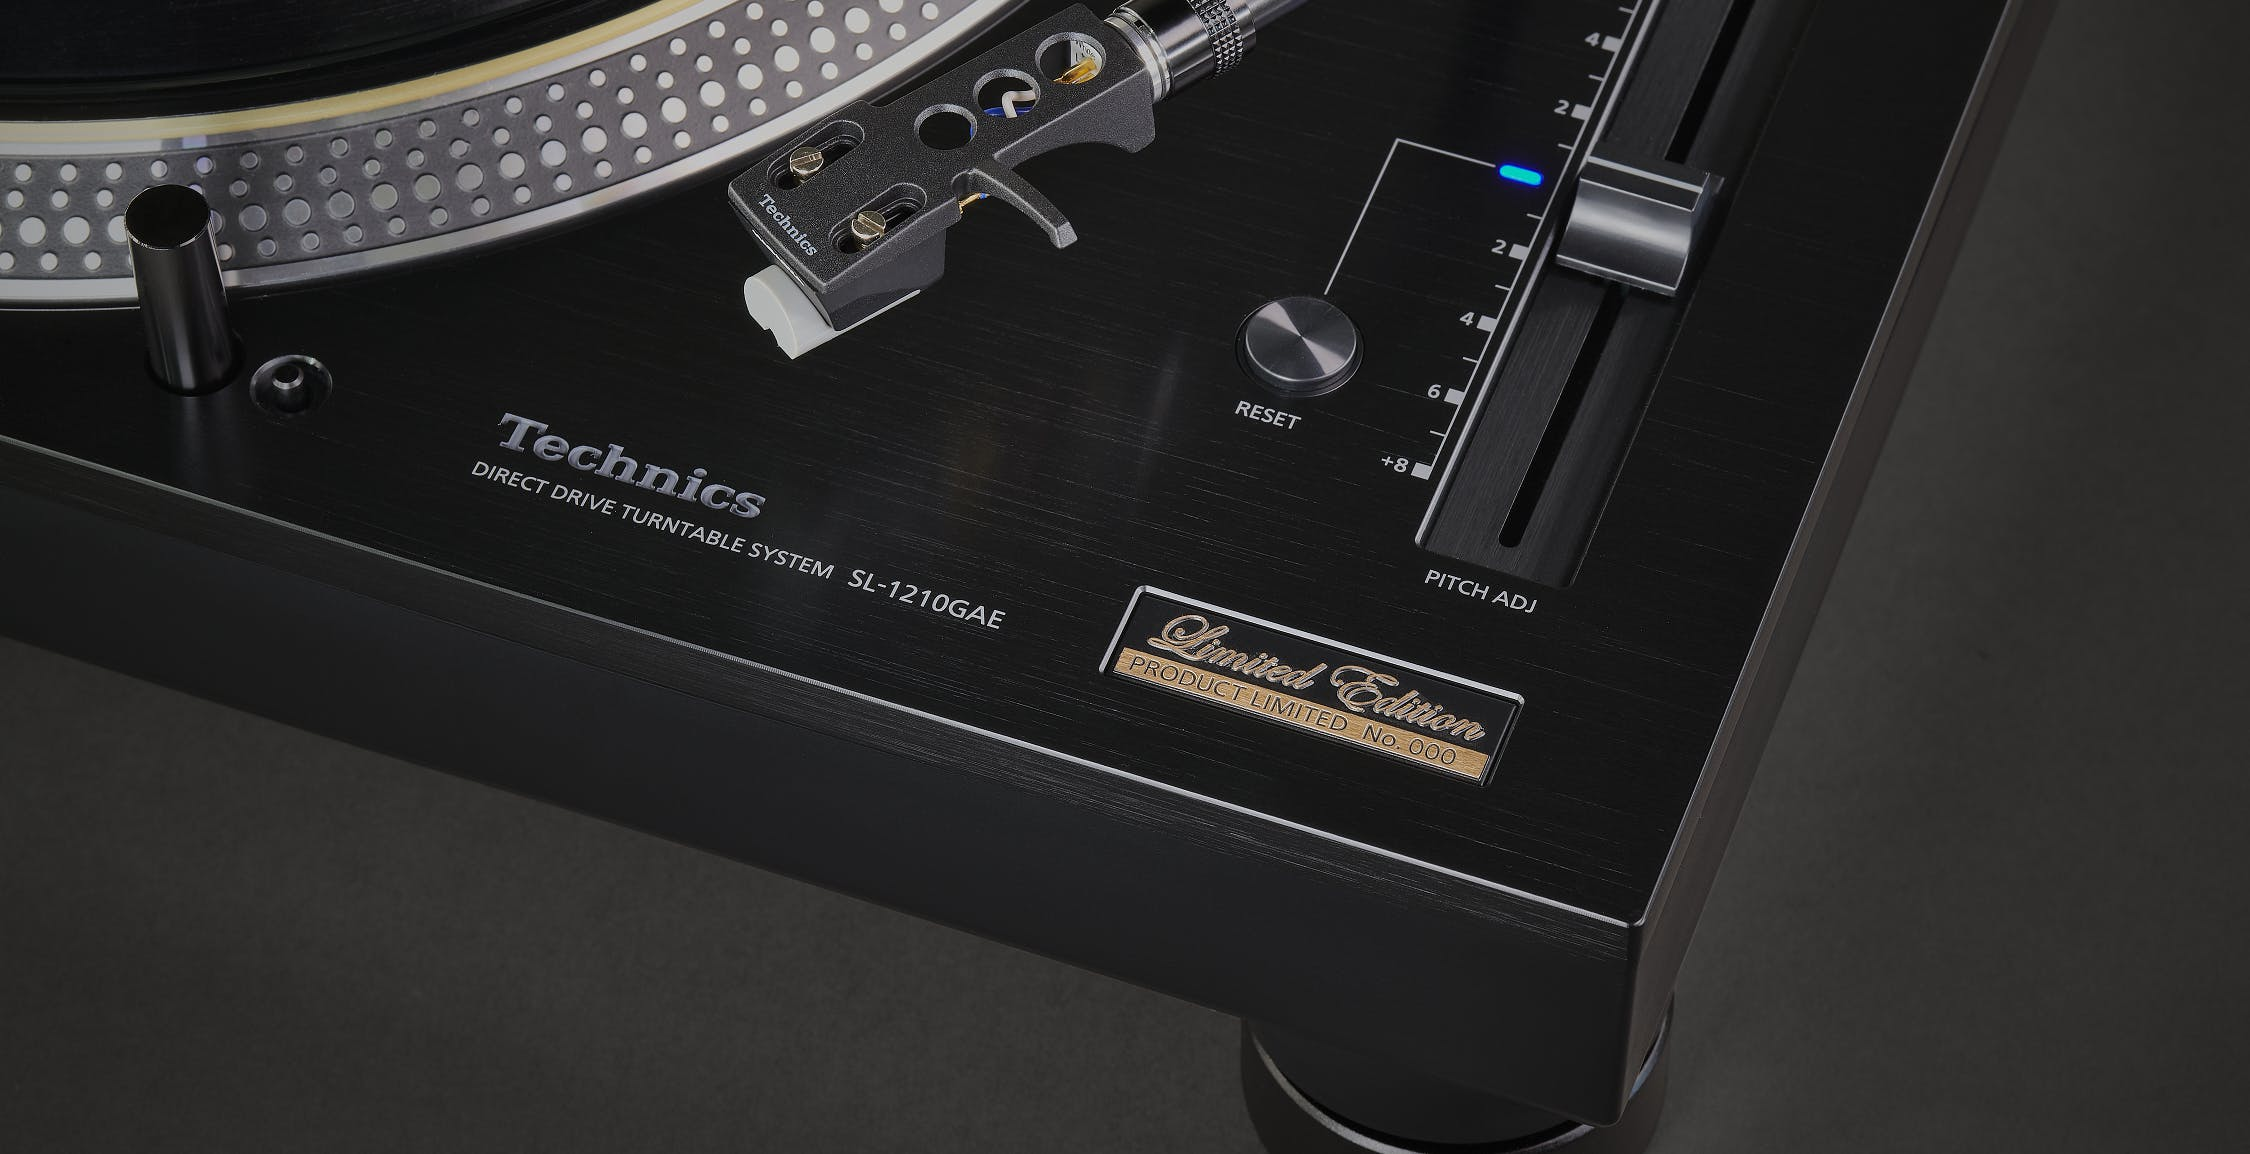 Technics compie 55 anni e festeggia con una Special Edition dell'SL-1210